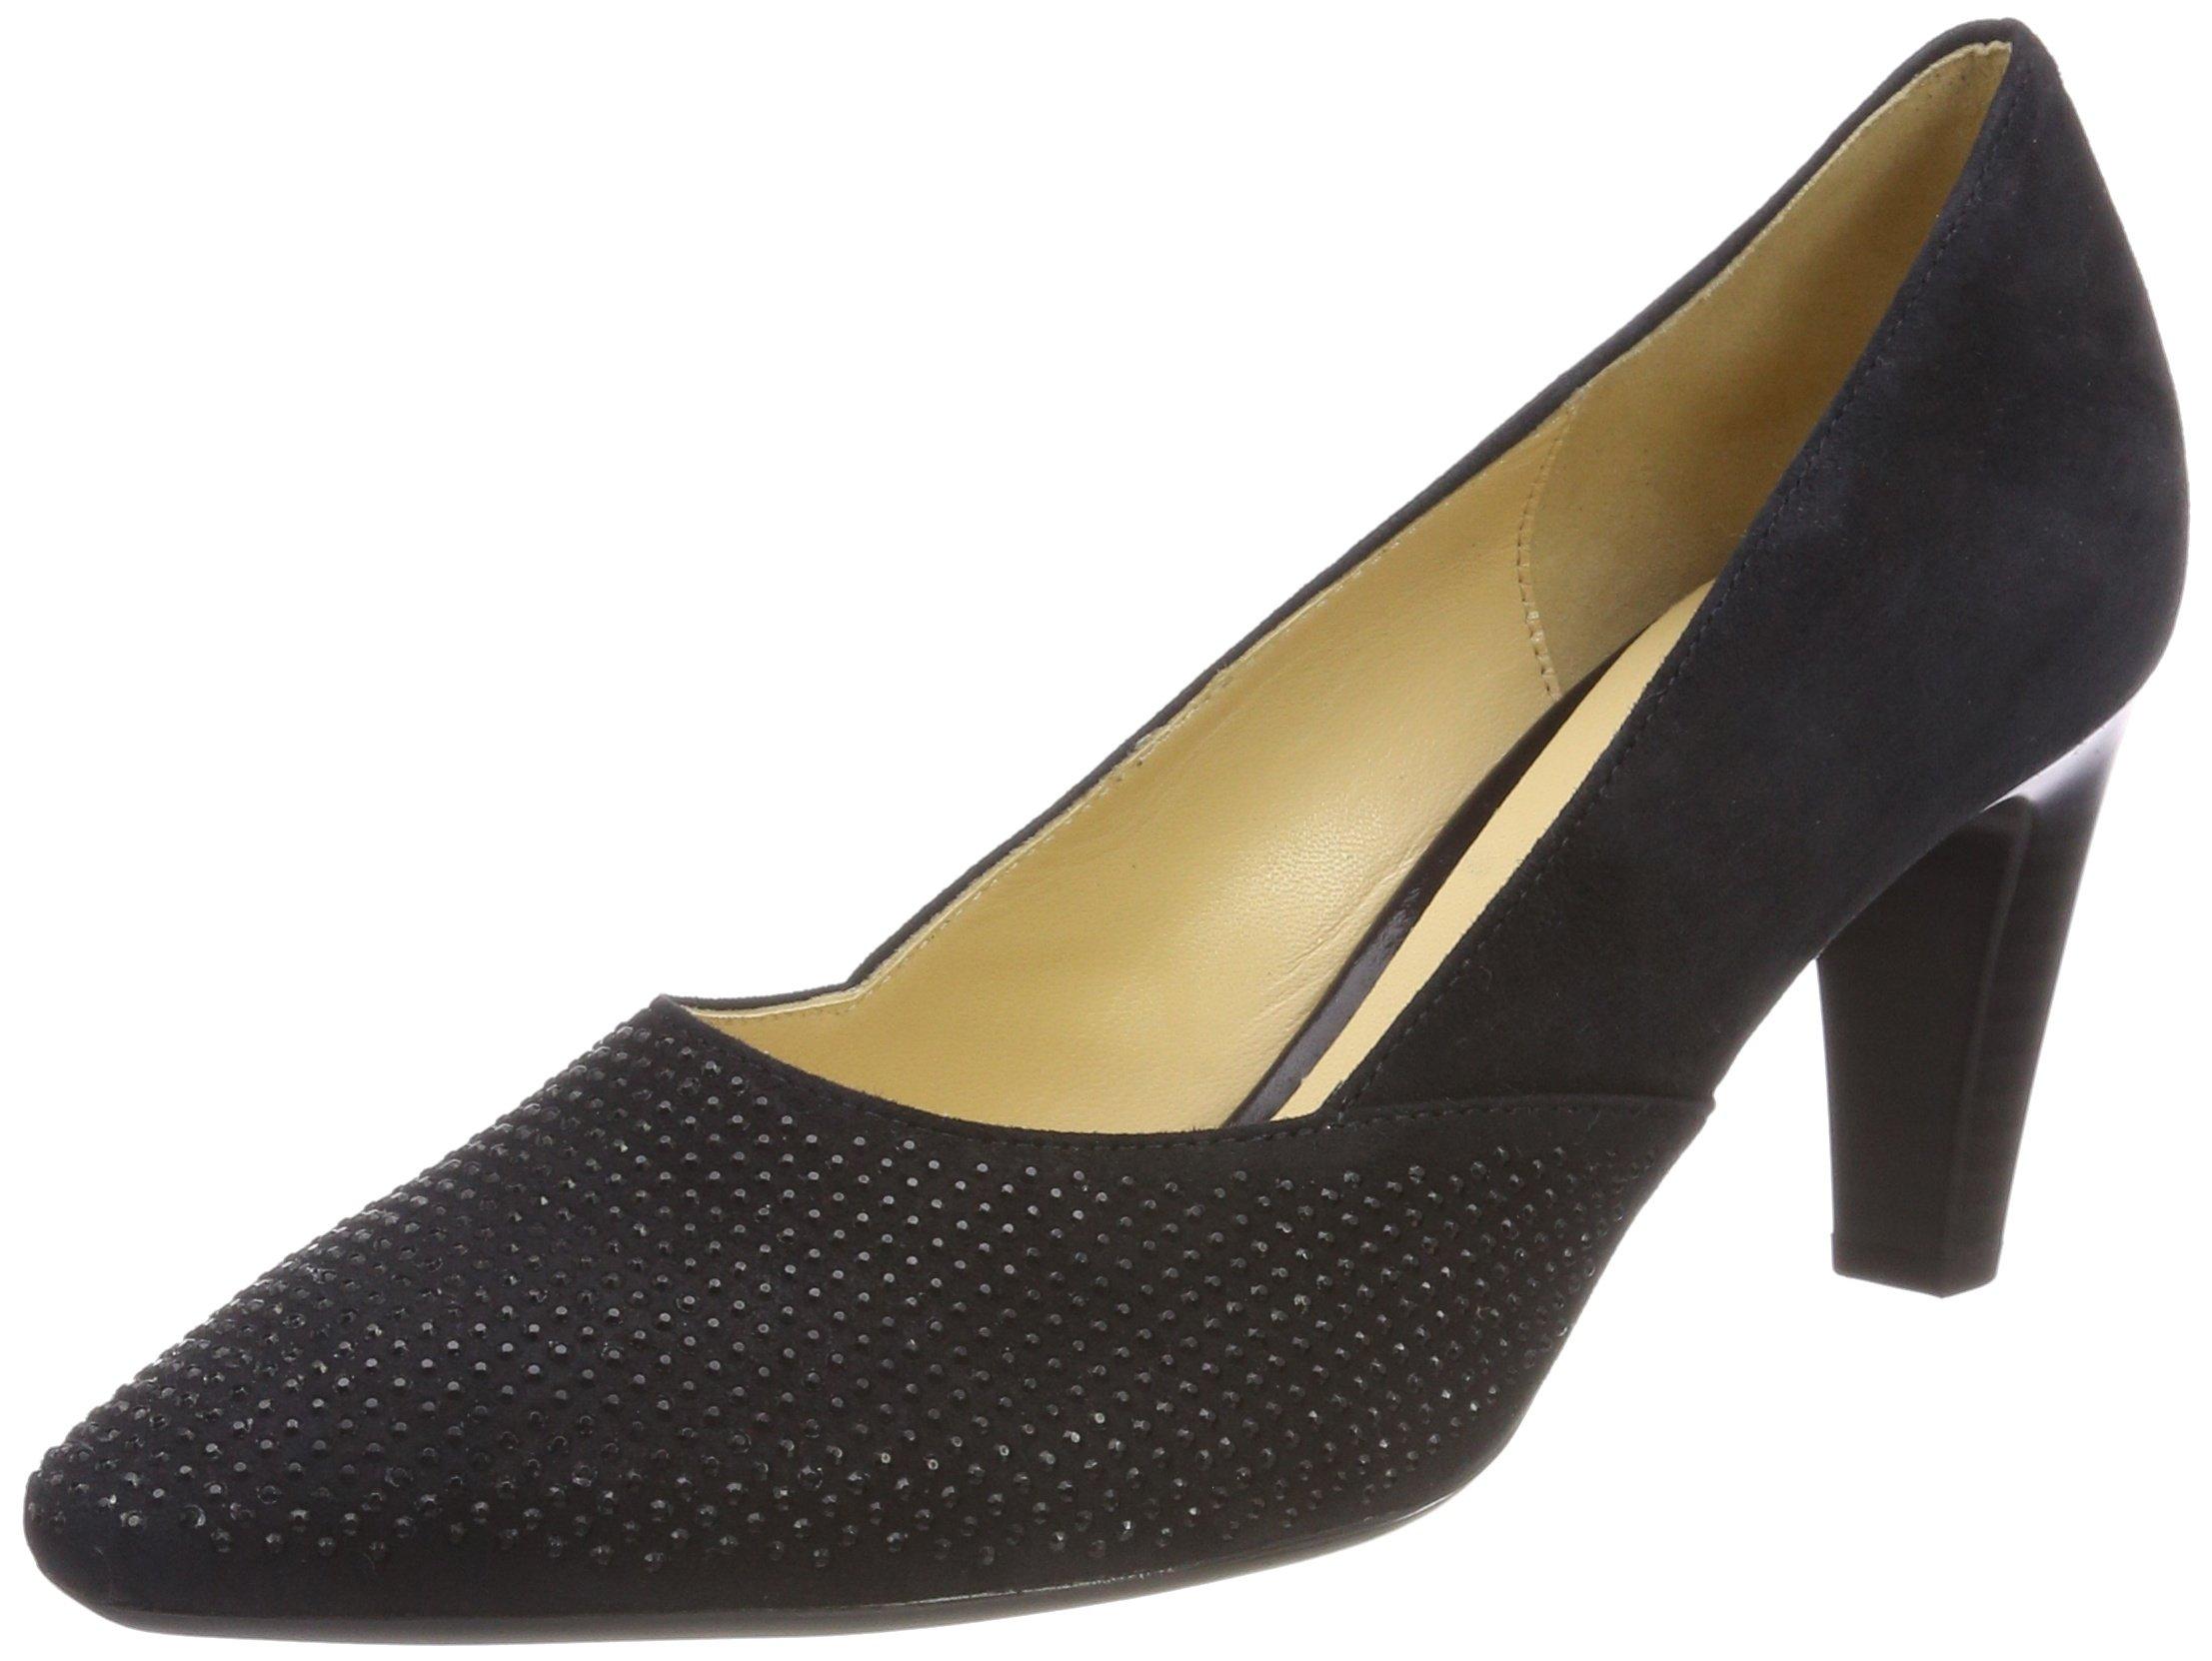 BasicEscarpins 5 Eu Shoes Gabor FemmeBleupazifik38 DEHW29I